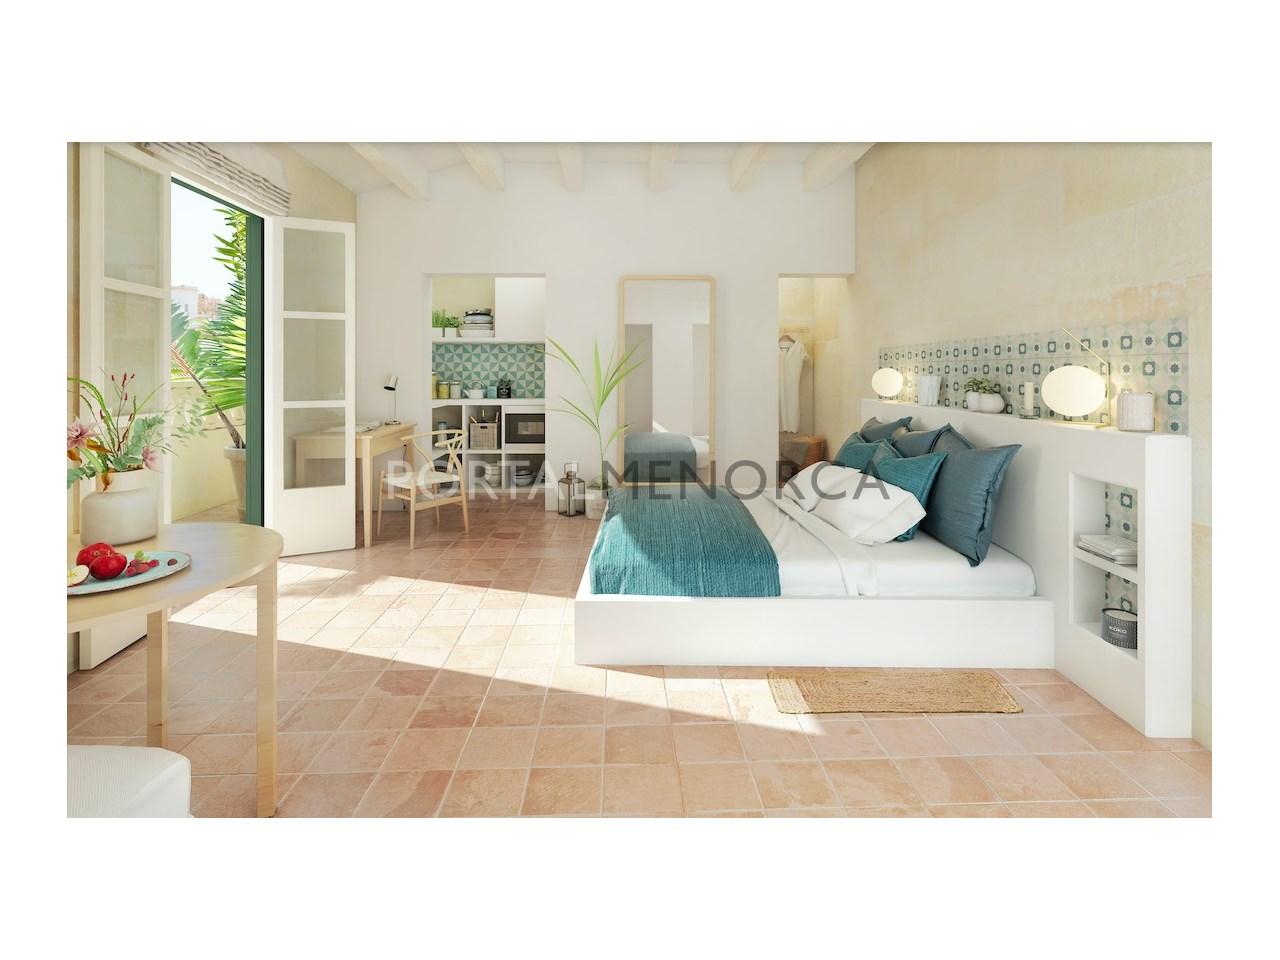 A3 Bedroom render